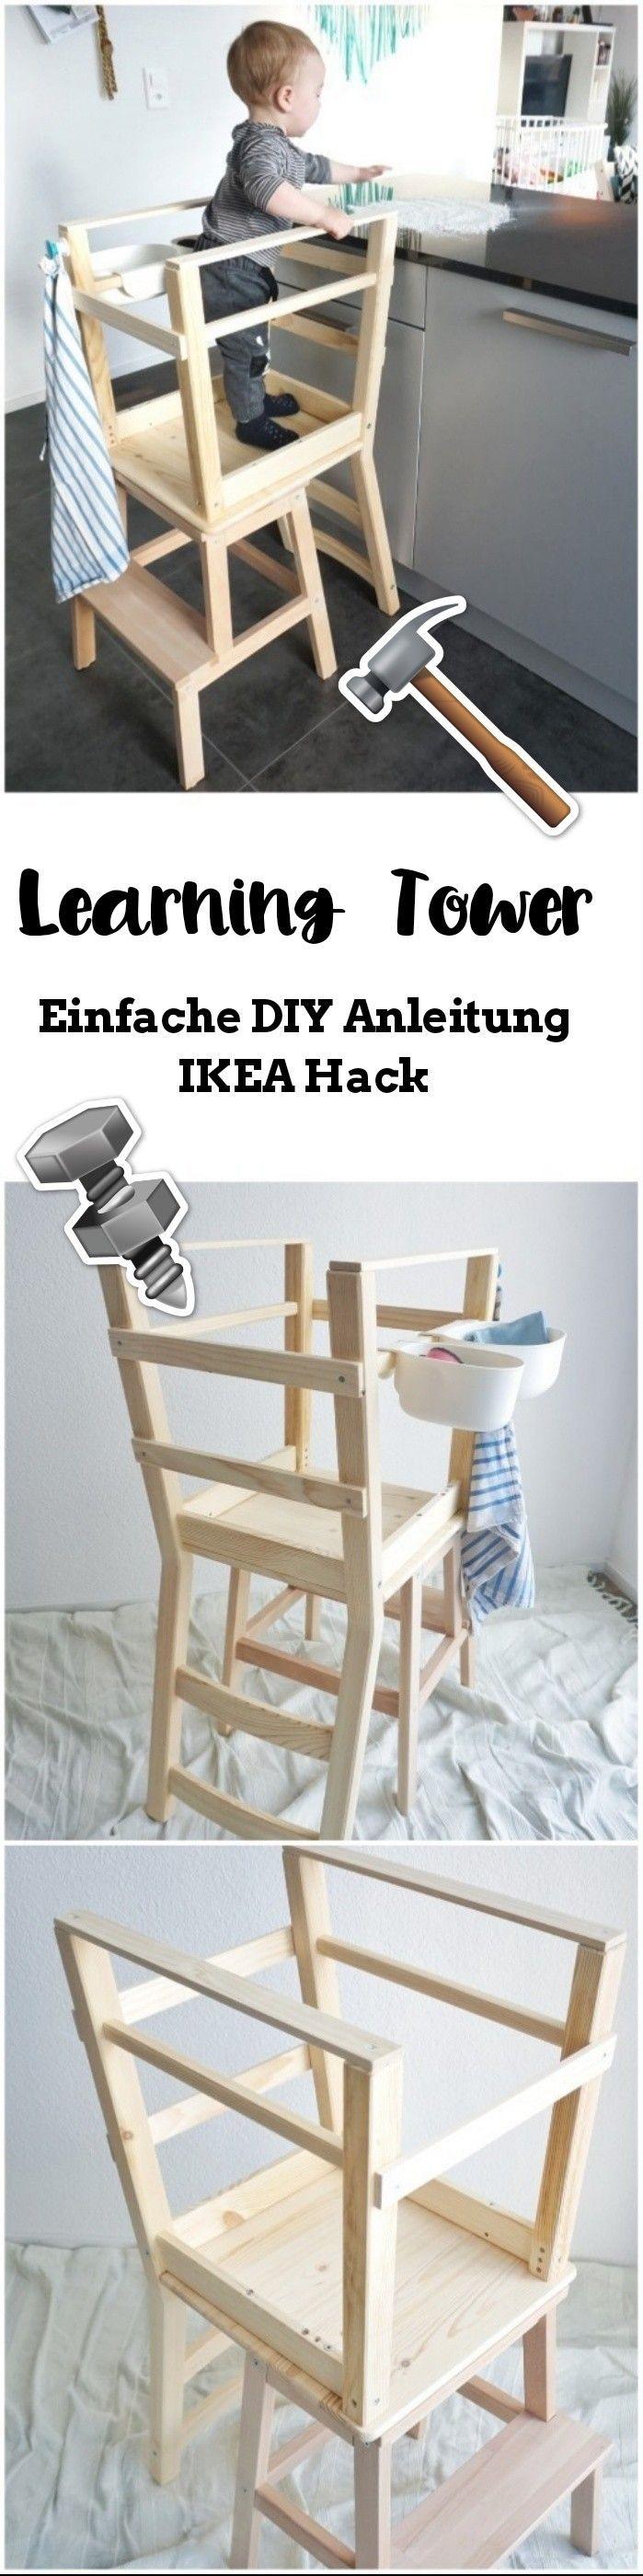 eine einfache learning tower lernturm bauanleiting aus. Black Bedroom Furniture Sets. Home Design Ideas